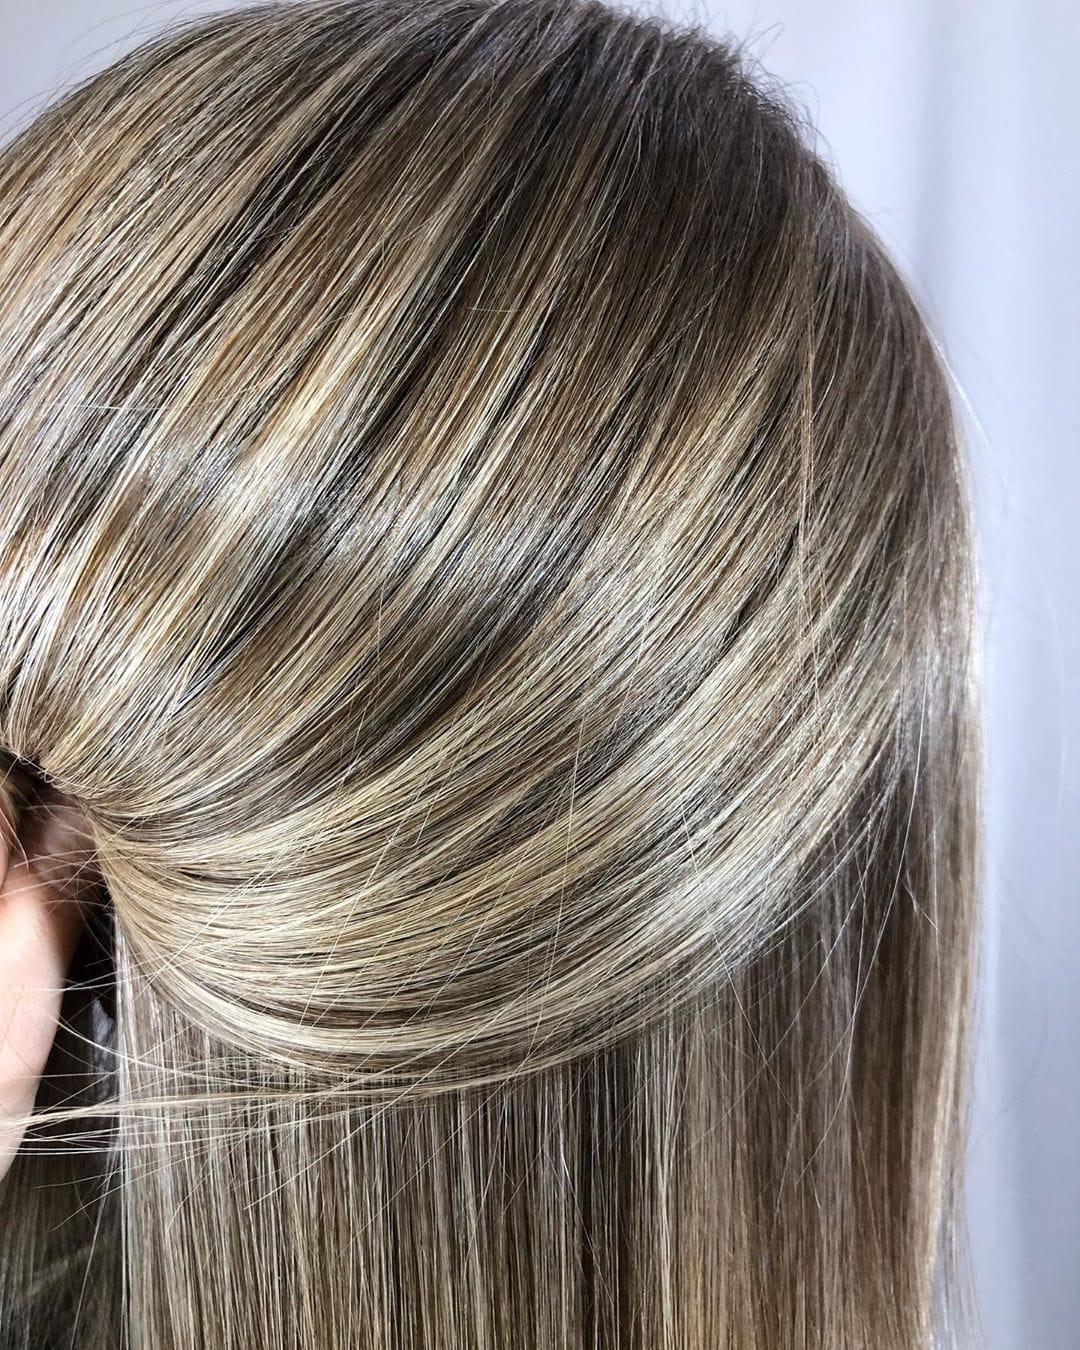 симпатичный коврик мелирование волос палитра фото составит